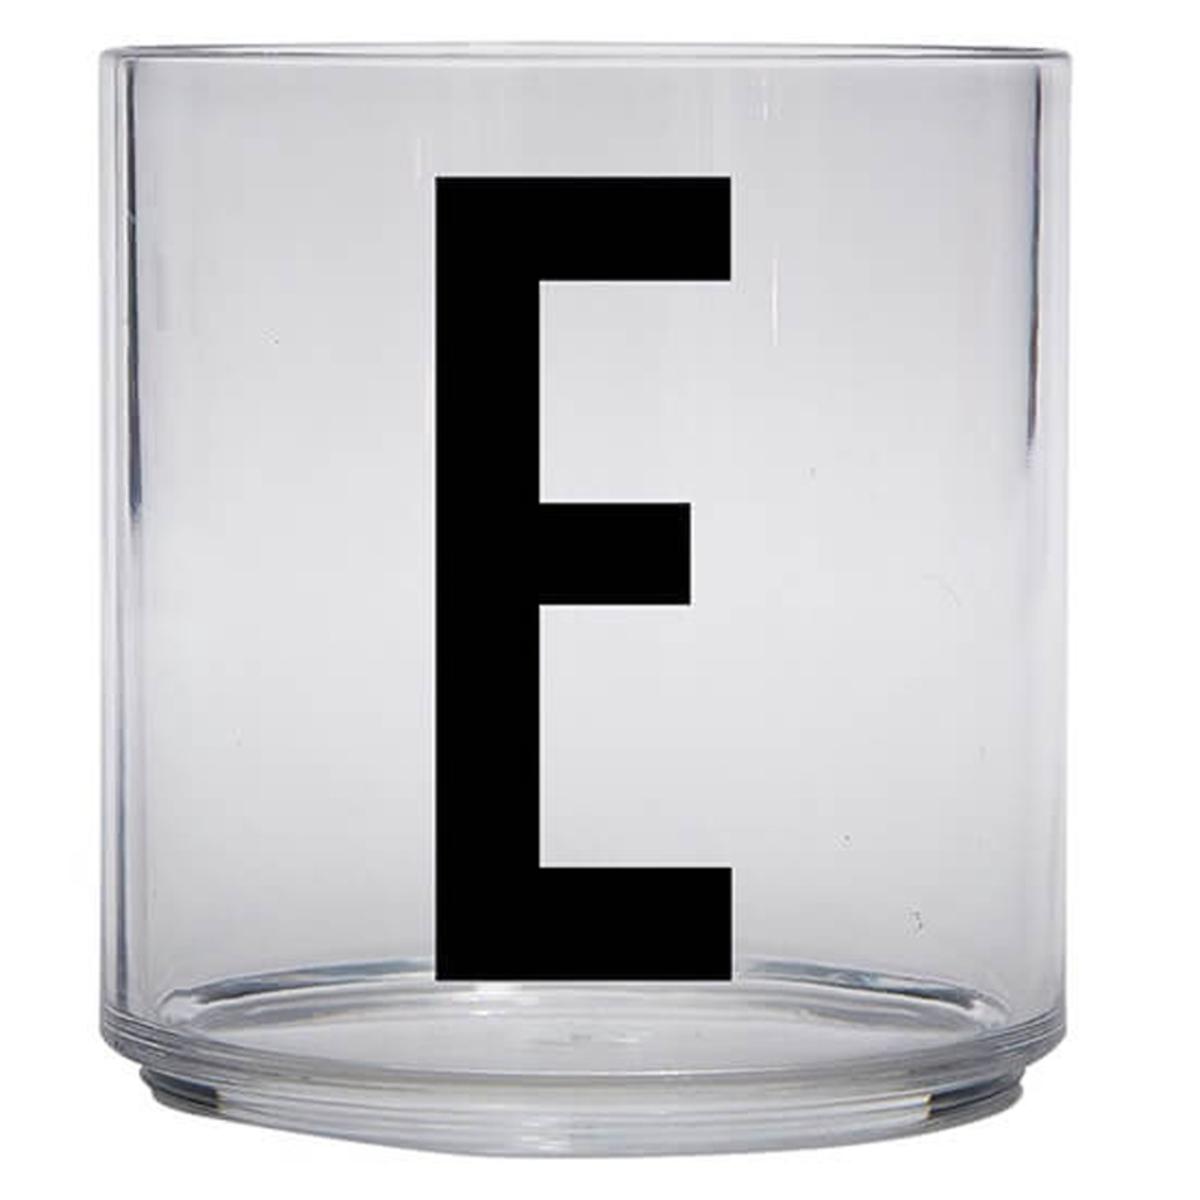 Tasse & Verre Verre Transparent E - 220 ml Verre Transparent E - 220 ml